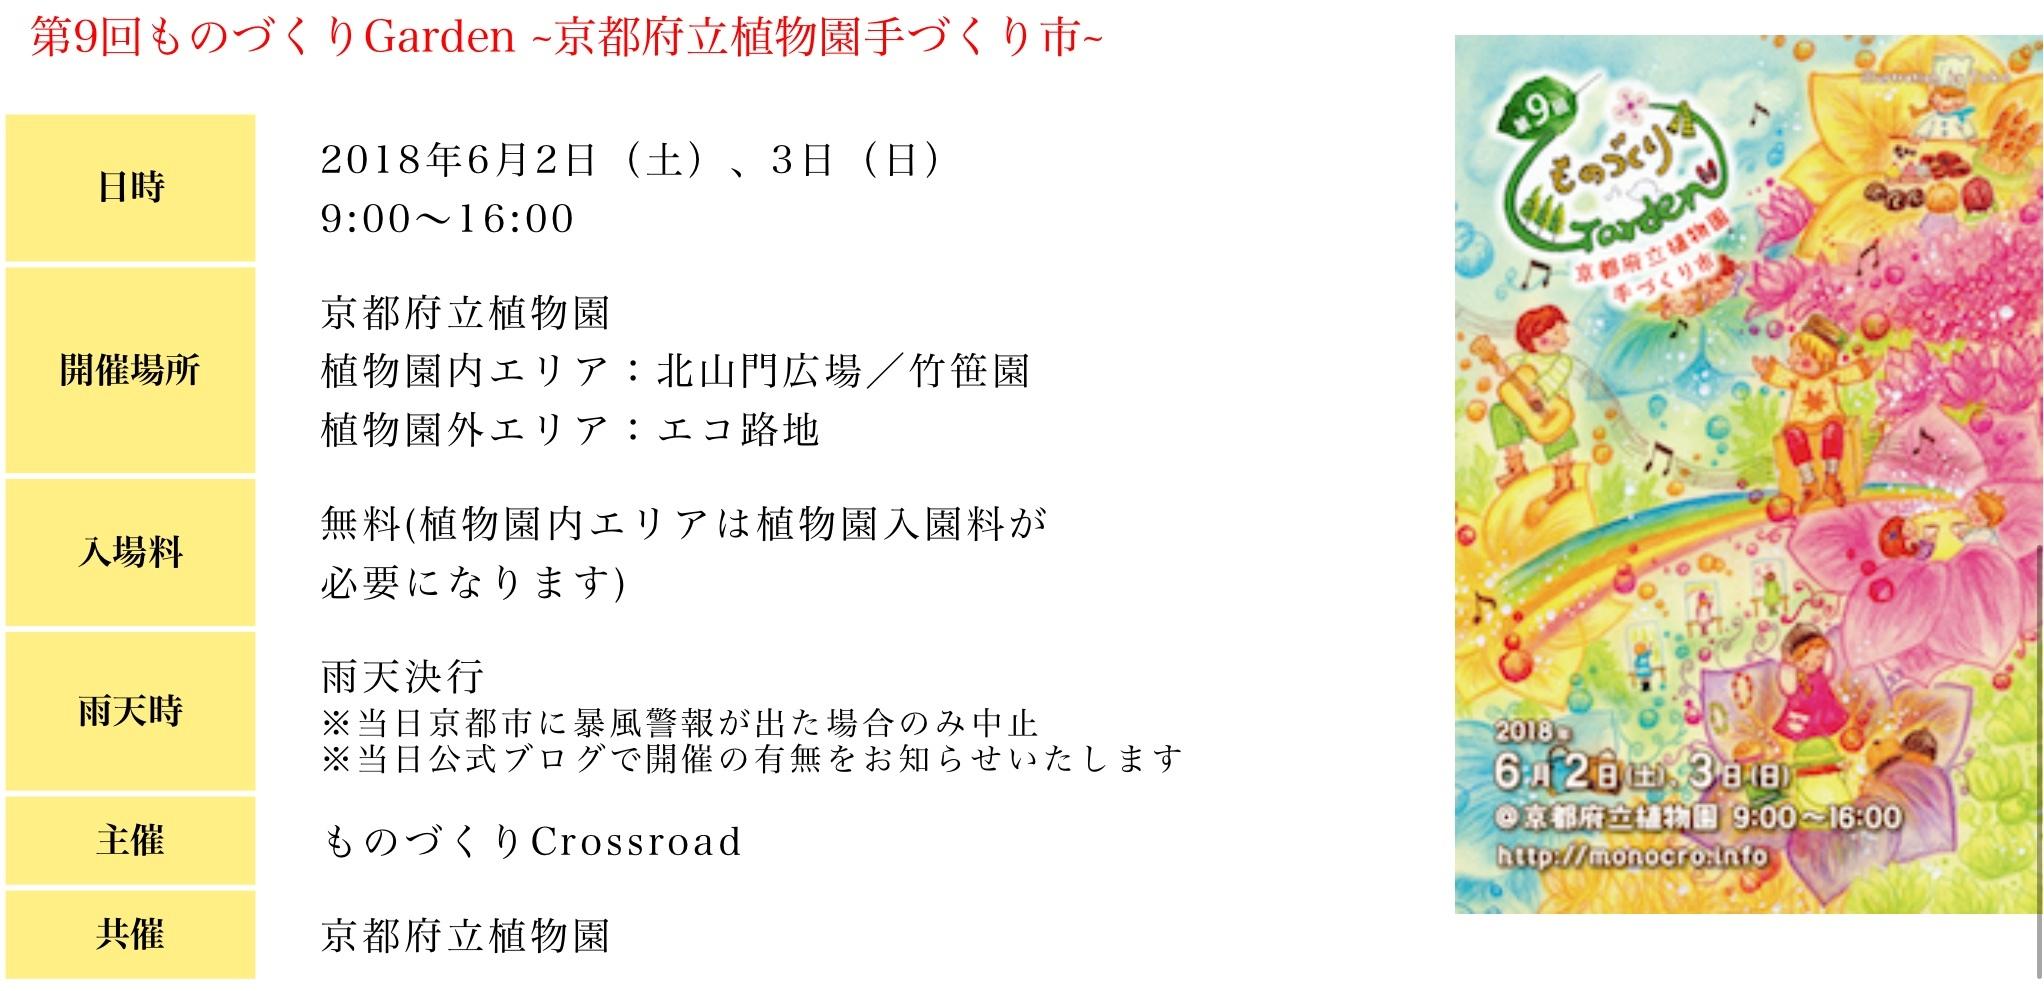 ☆本日は、京都府立植物園で出店しています_d0035397_07183700.jpeg